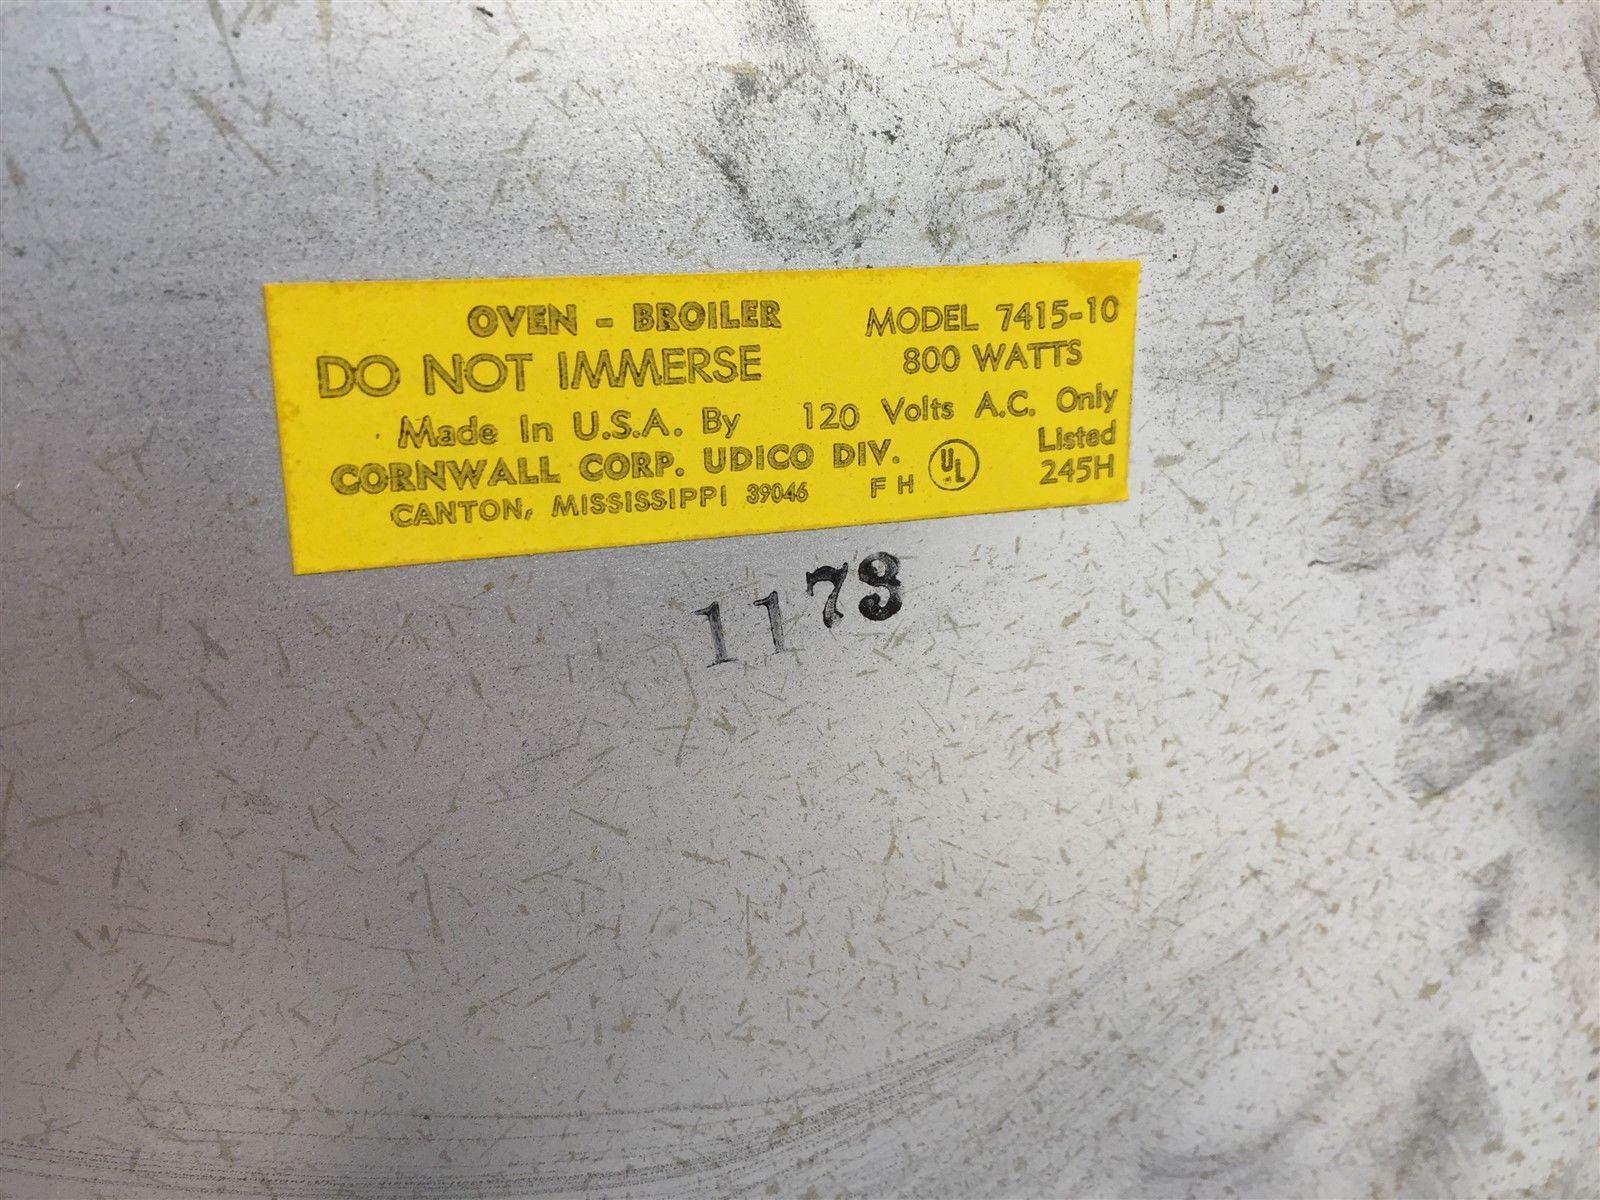 Vintage Udico Broilmaster Oven-Broiler 7415-10 800W 120V